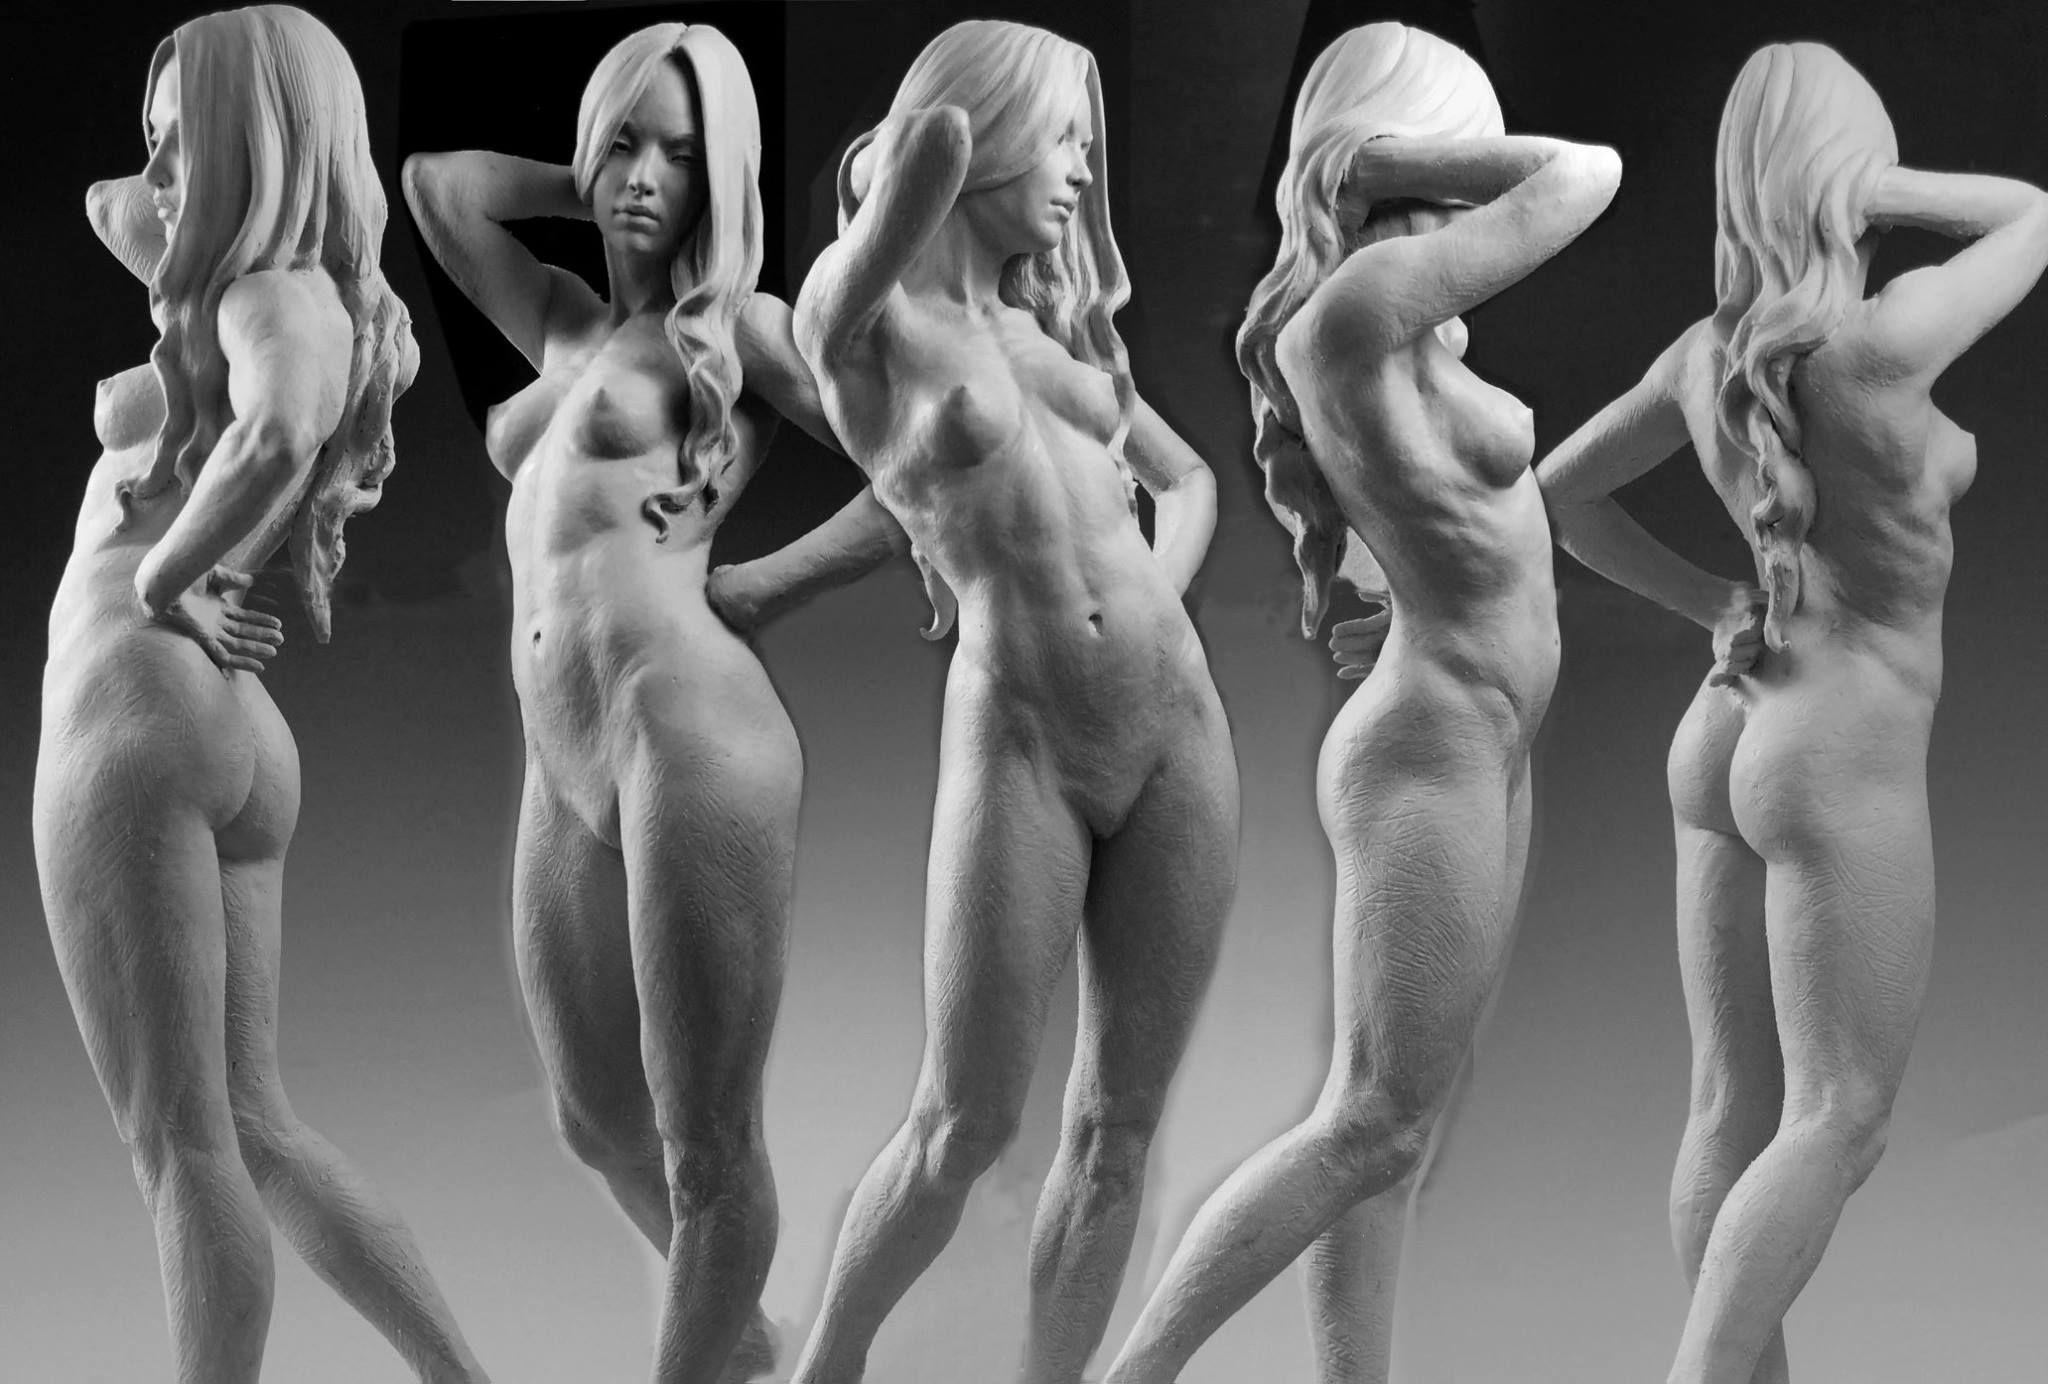 Artistic nude portals